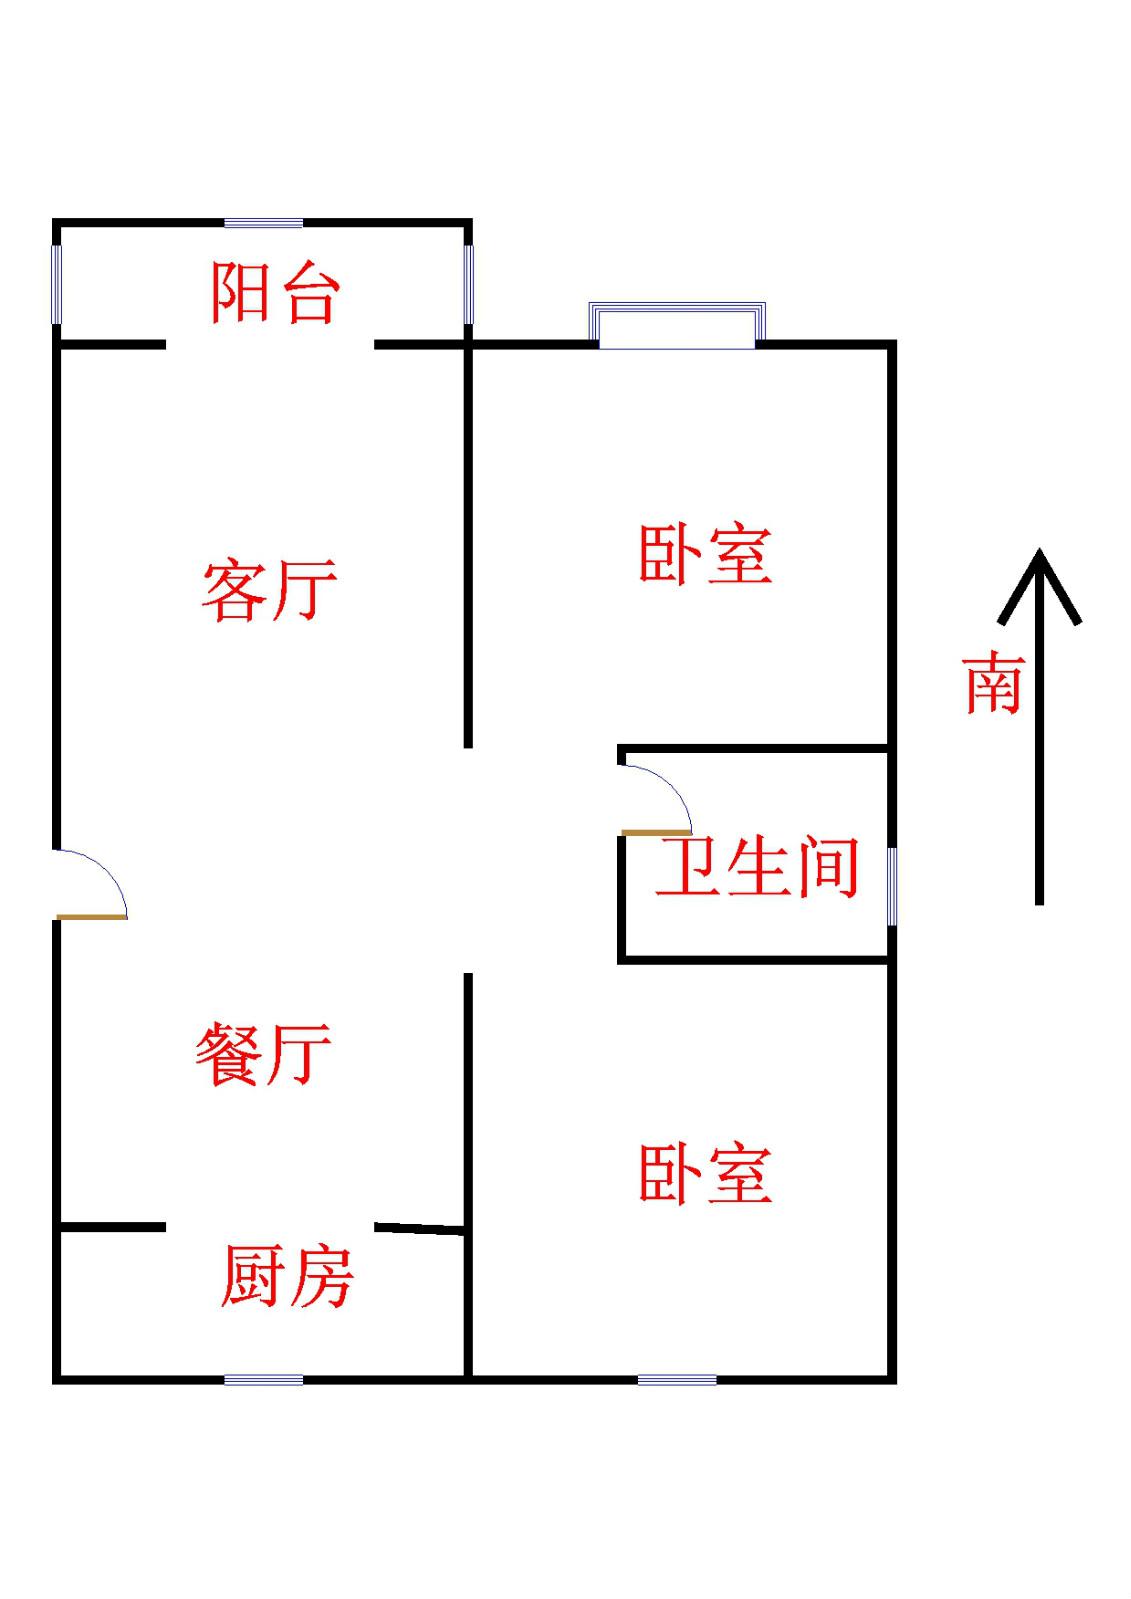 富方园小区 2室1厅  简装 32万